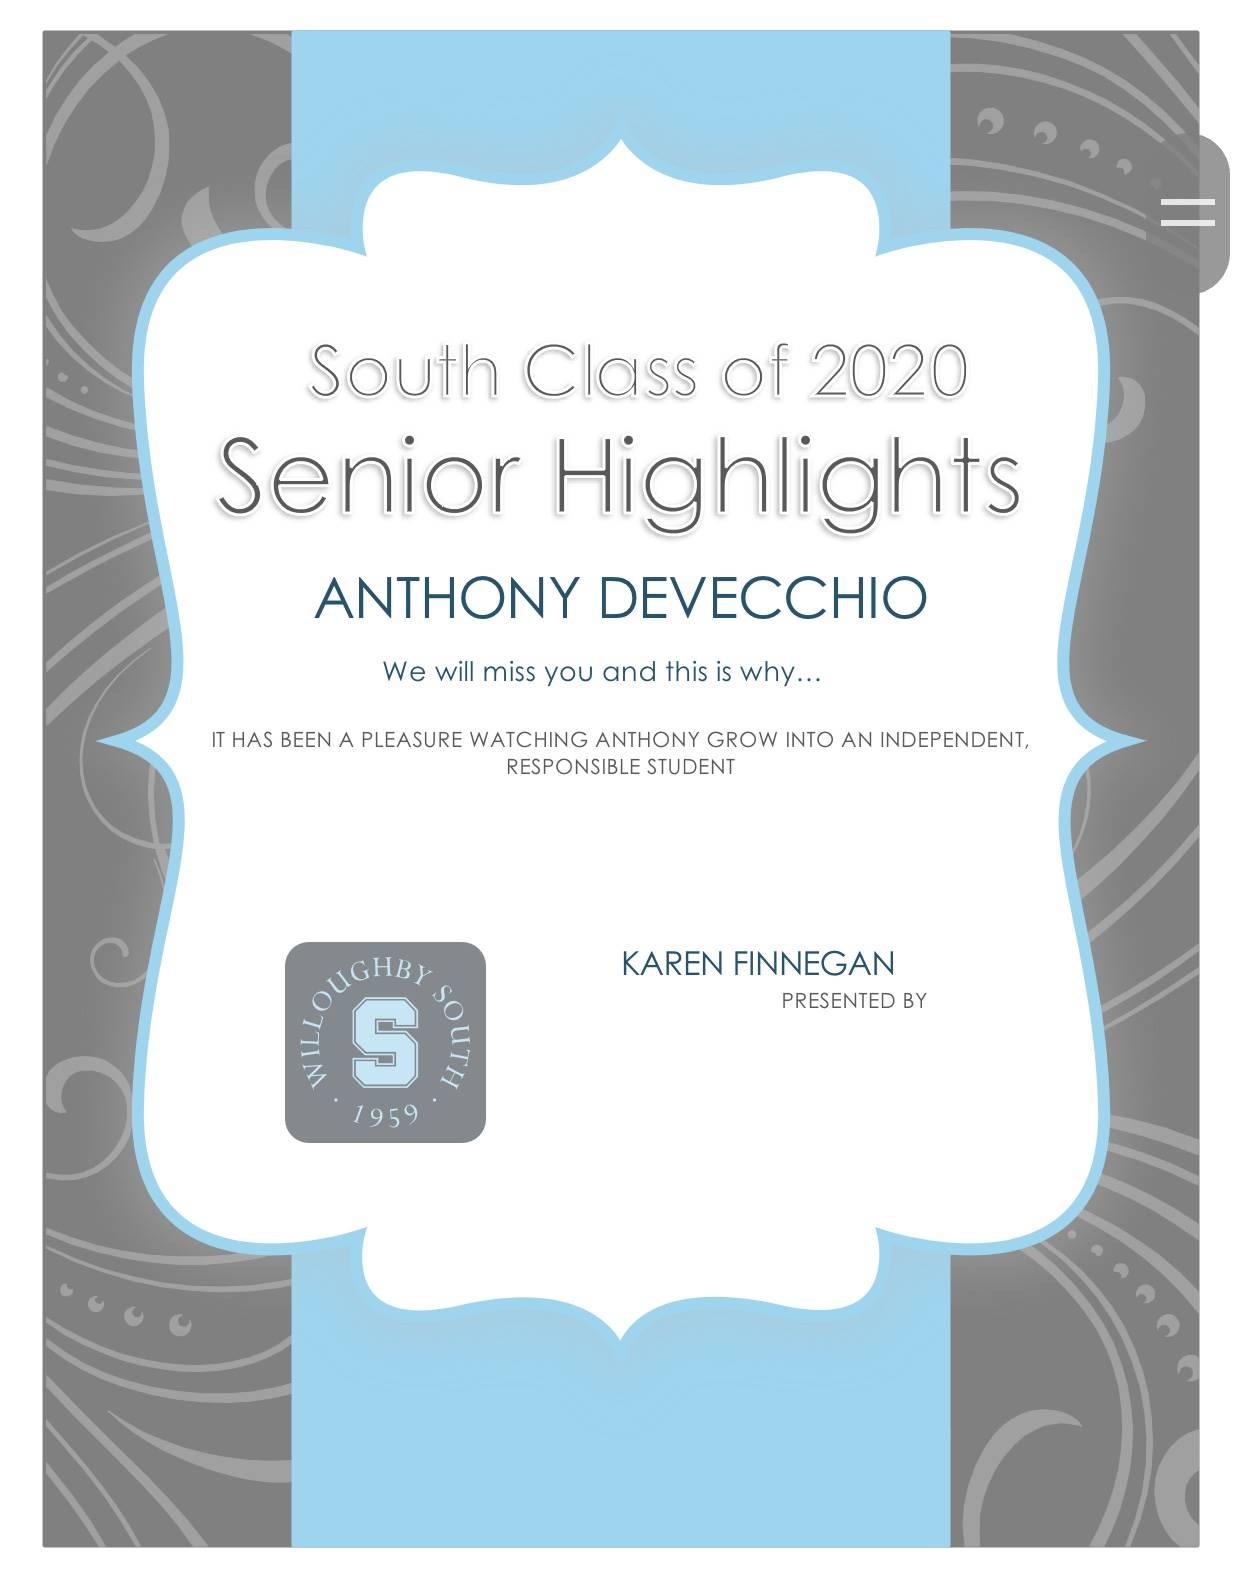 Anthony Devecchio